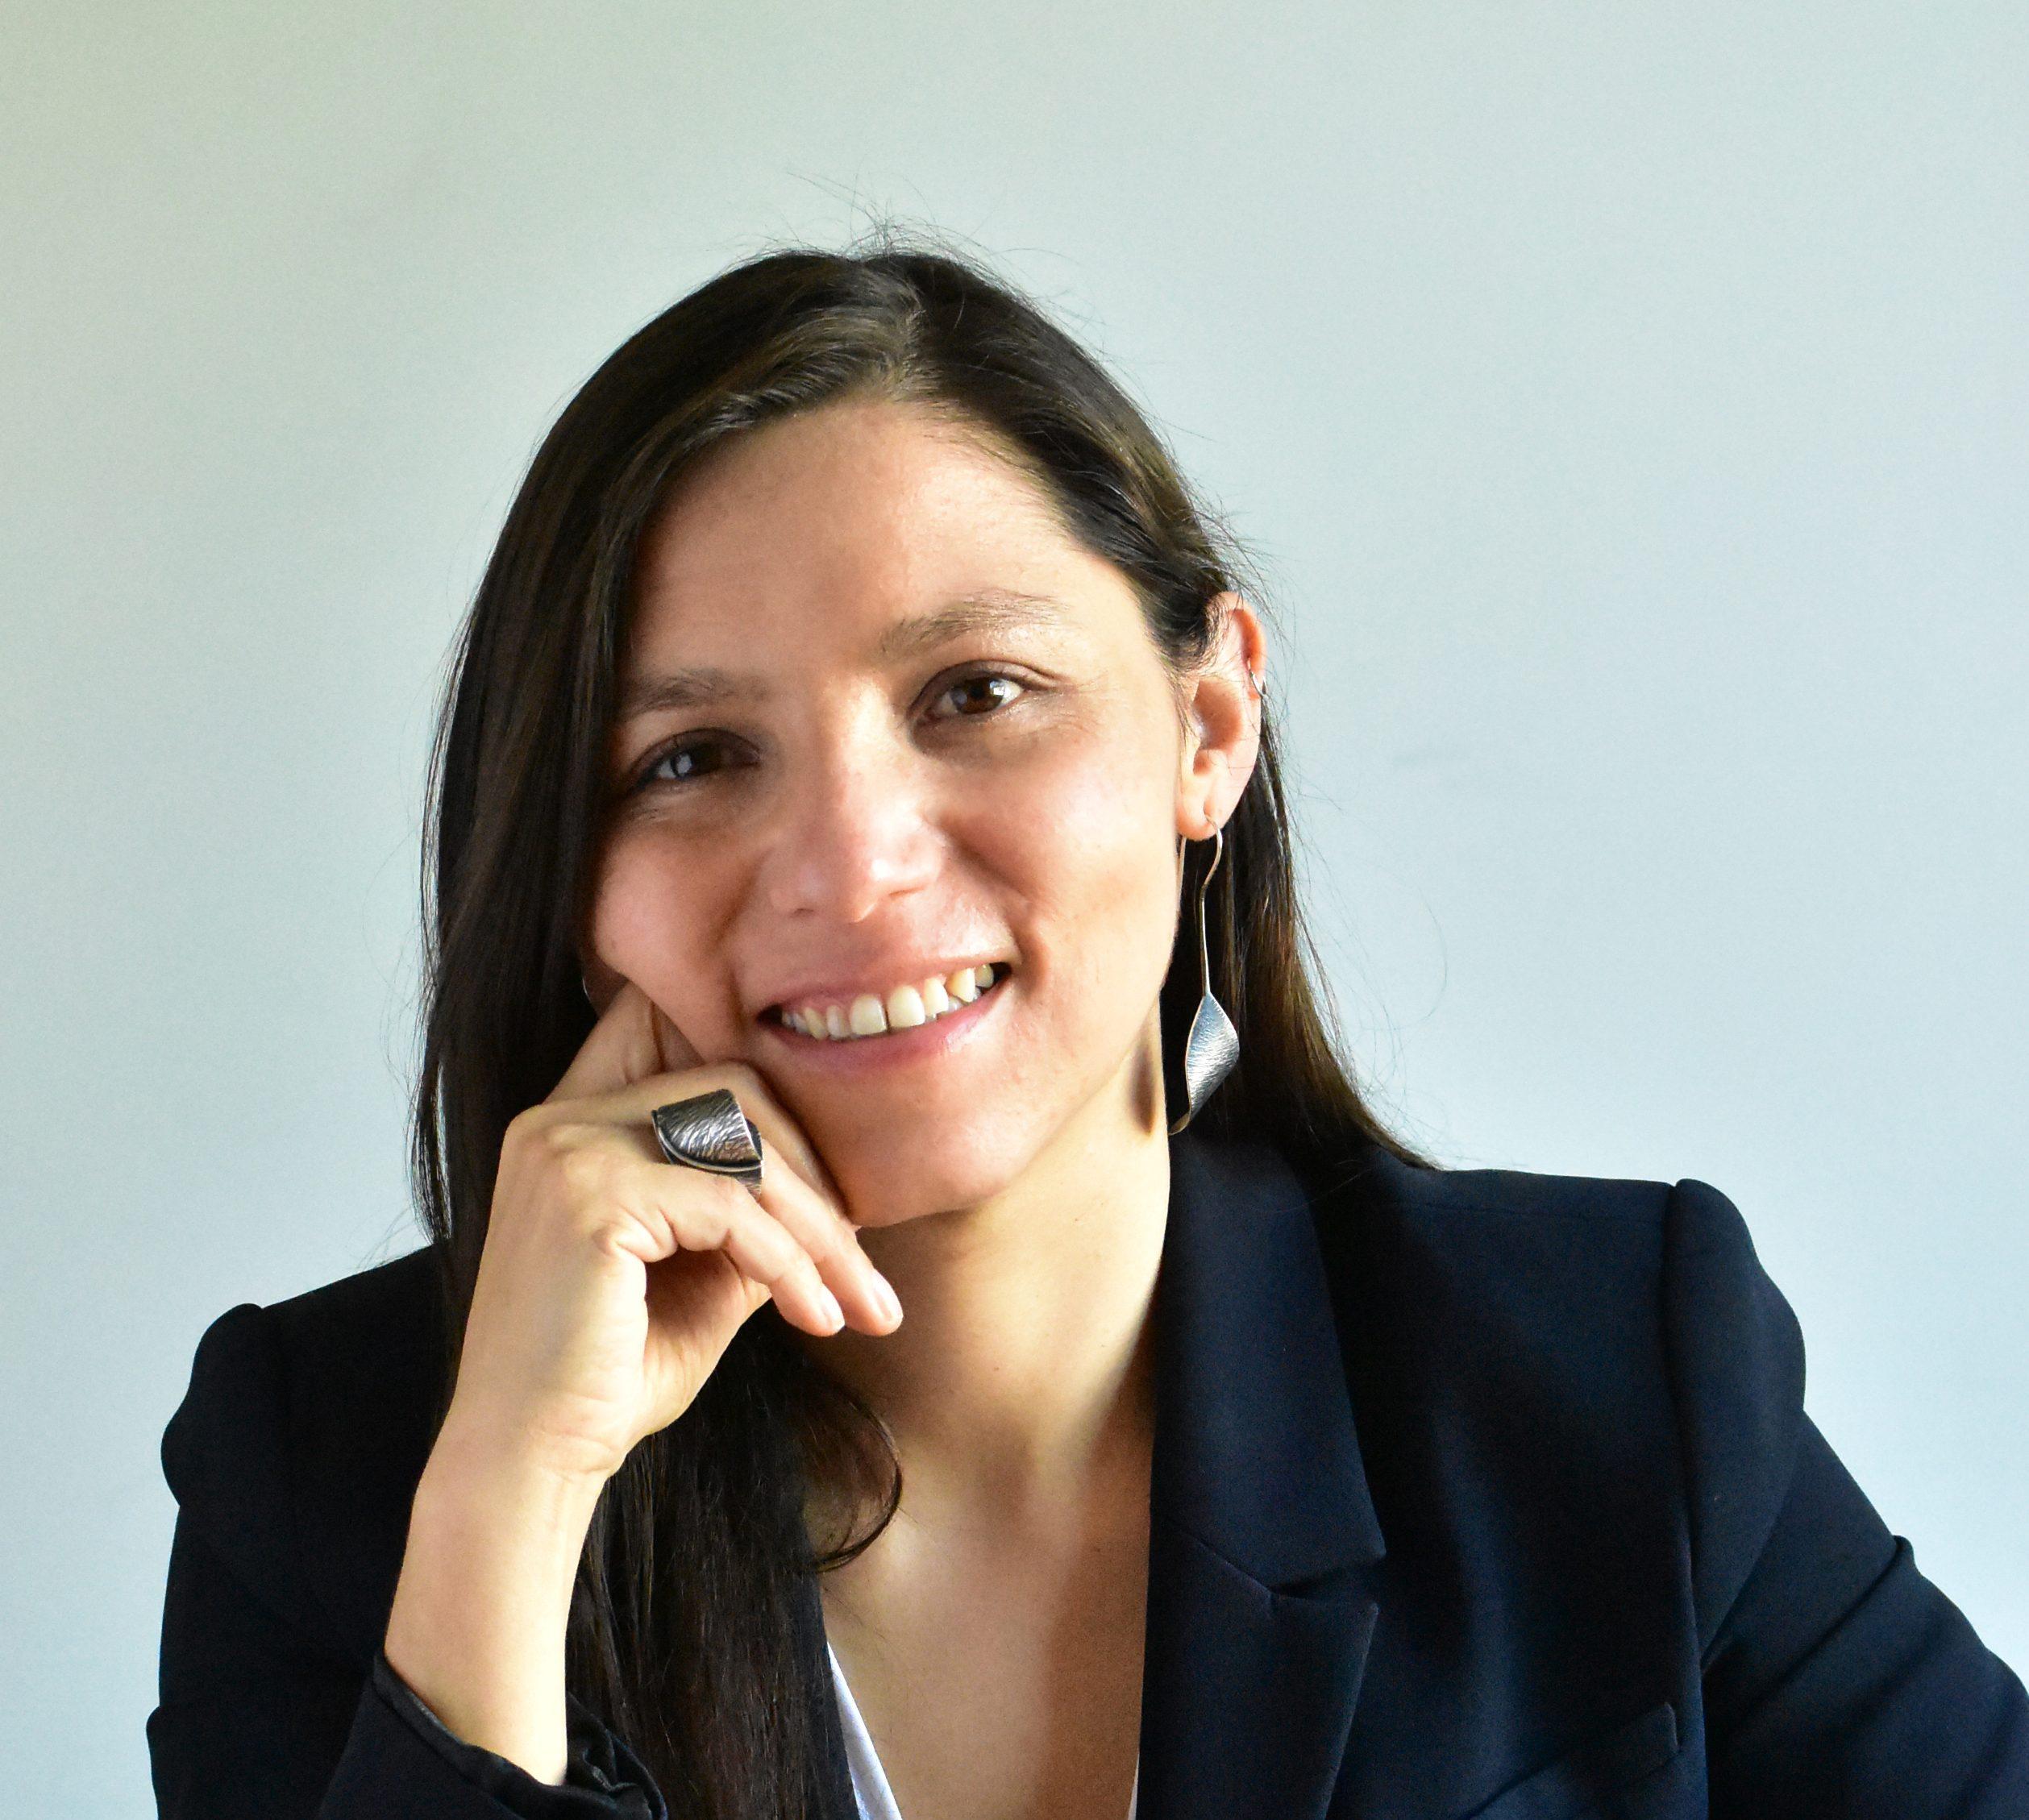 Ana Luisa Muñoz